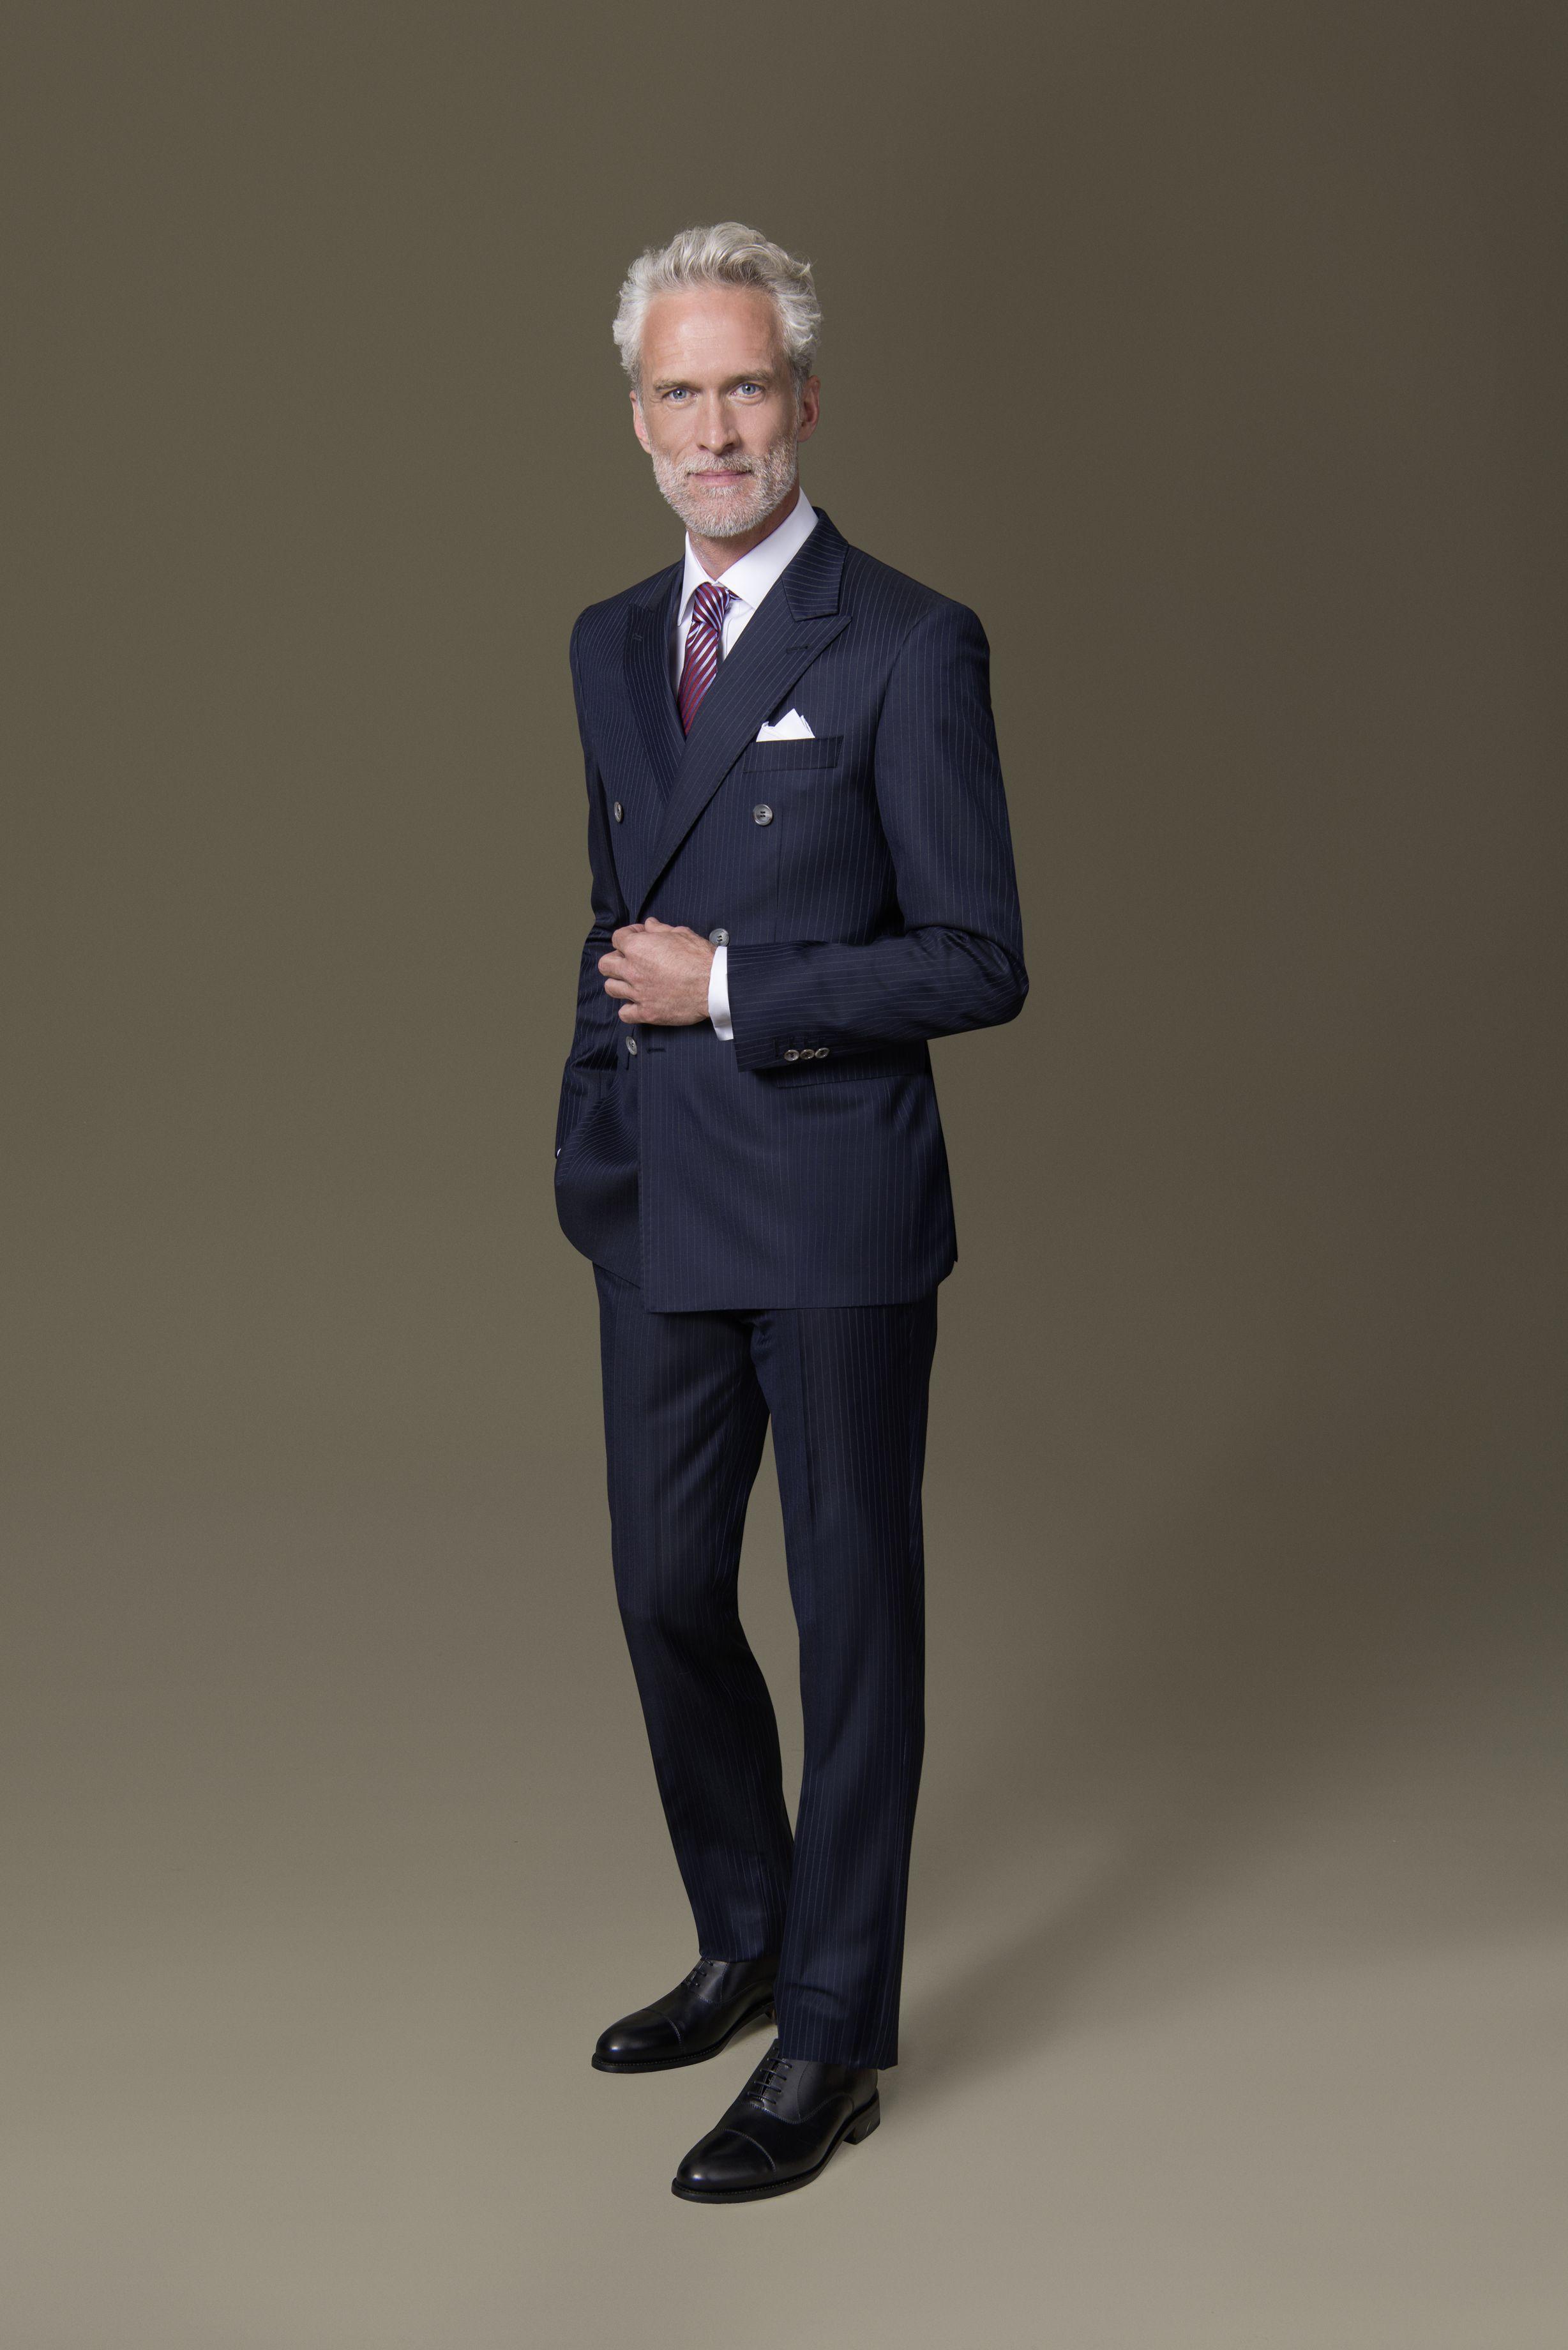 Mit Diesem Dunkelblauen Nadelstreifen Zweireiher Machen Sie Eindruck Der Dolzer Anzug Ist Figurbetont Geschnitten Dezente Weisse Hemden Herren Outfit Elegant